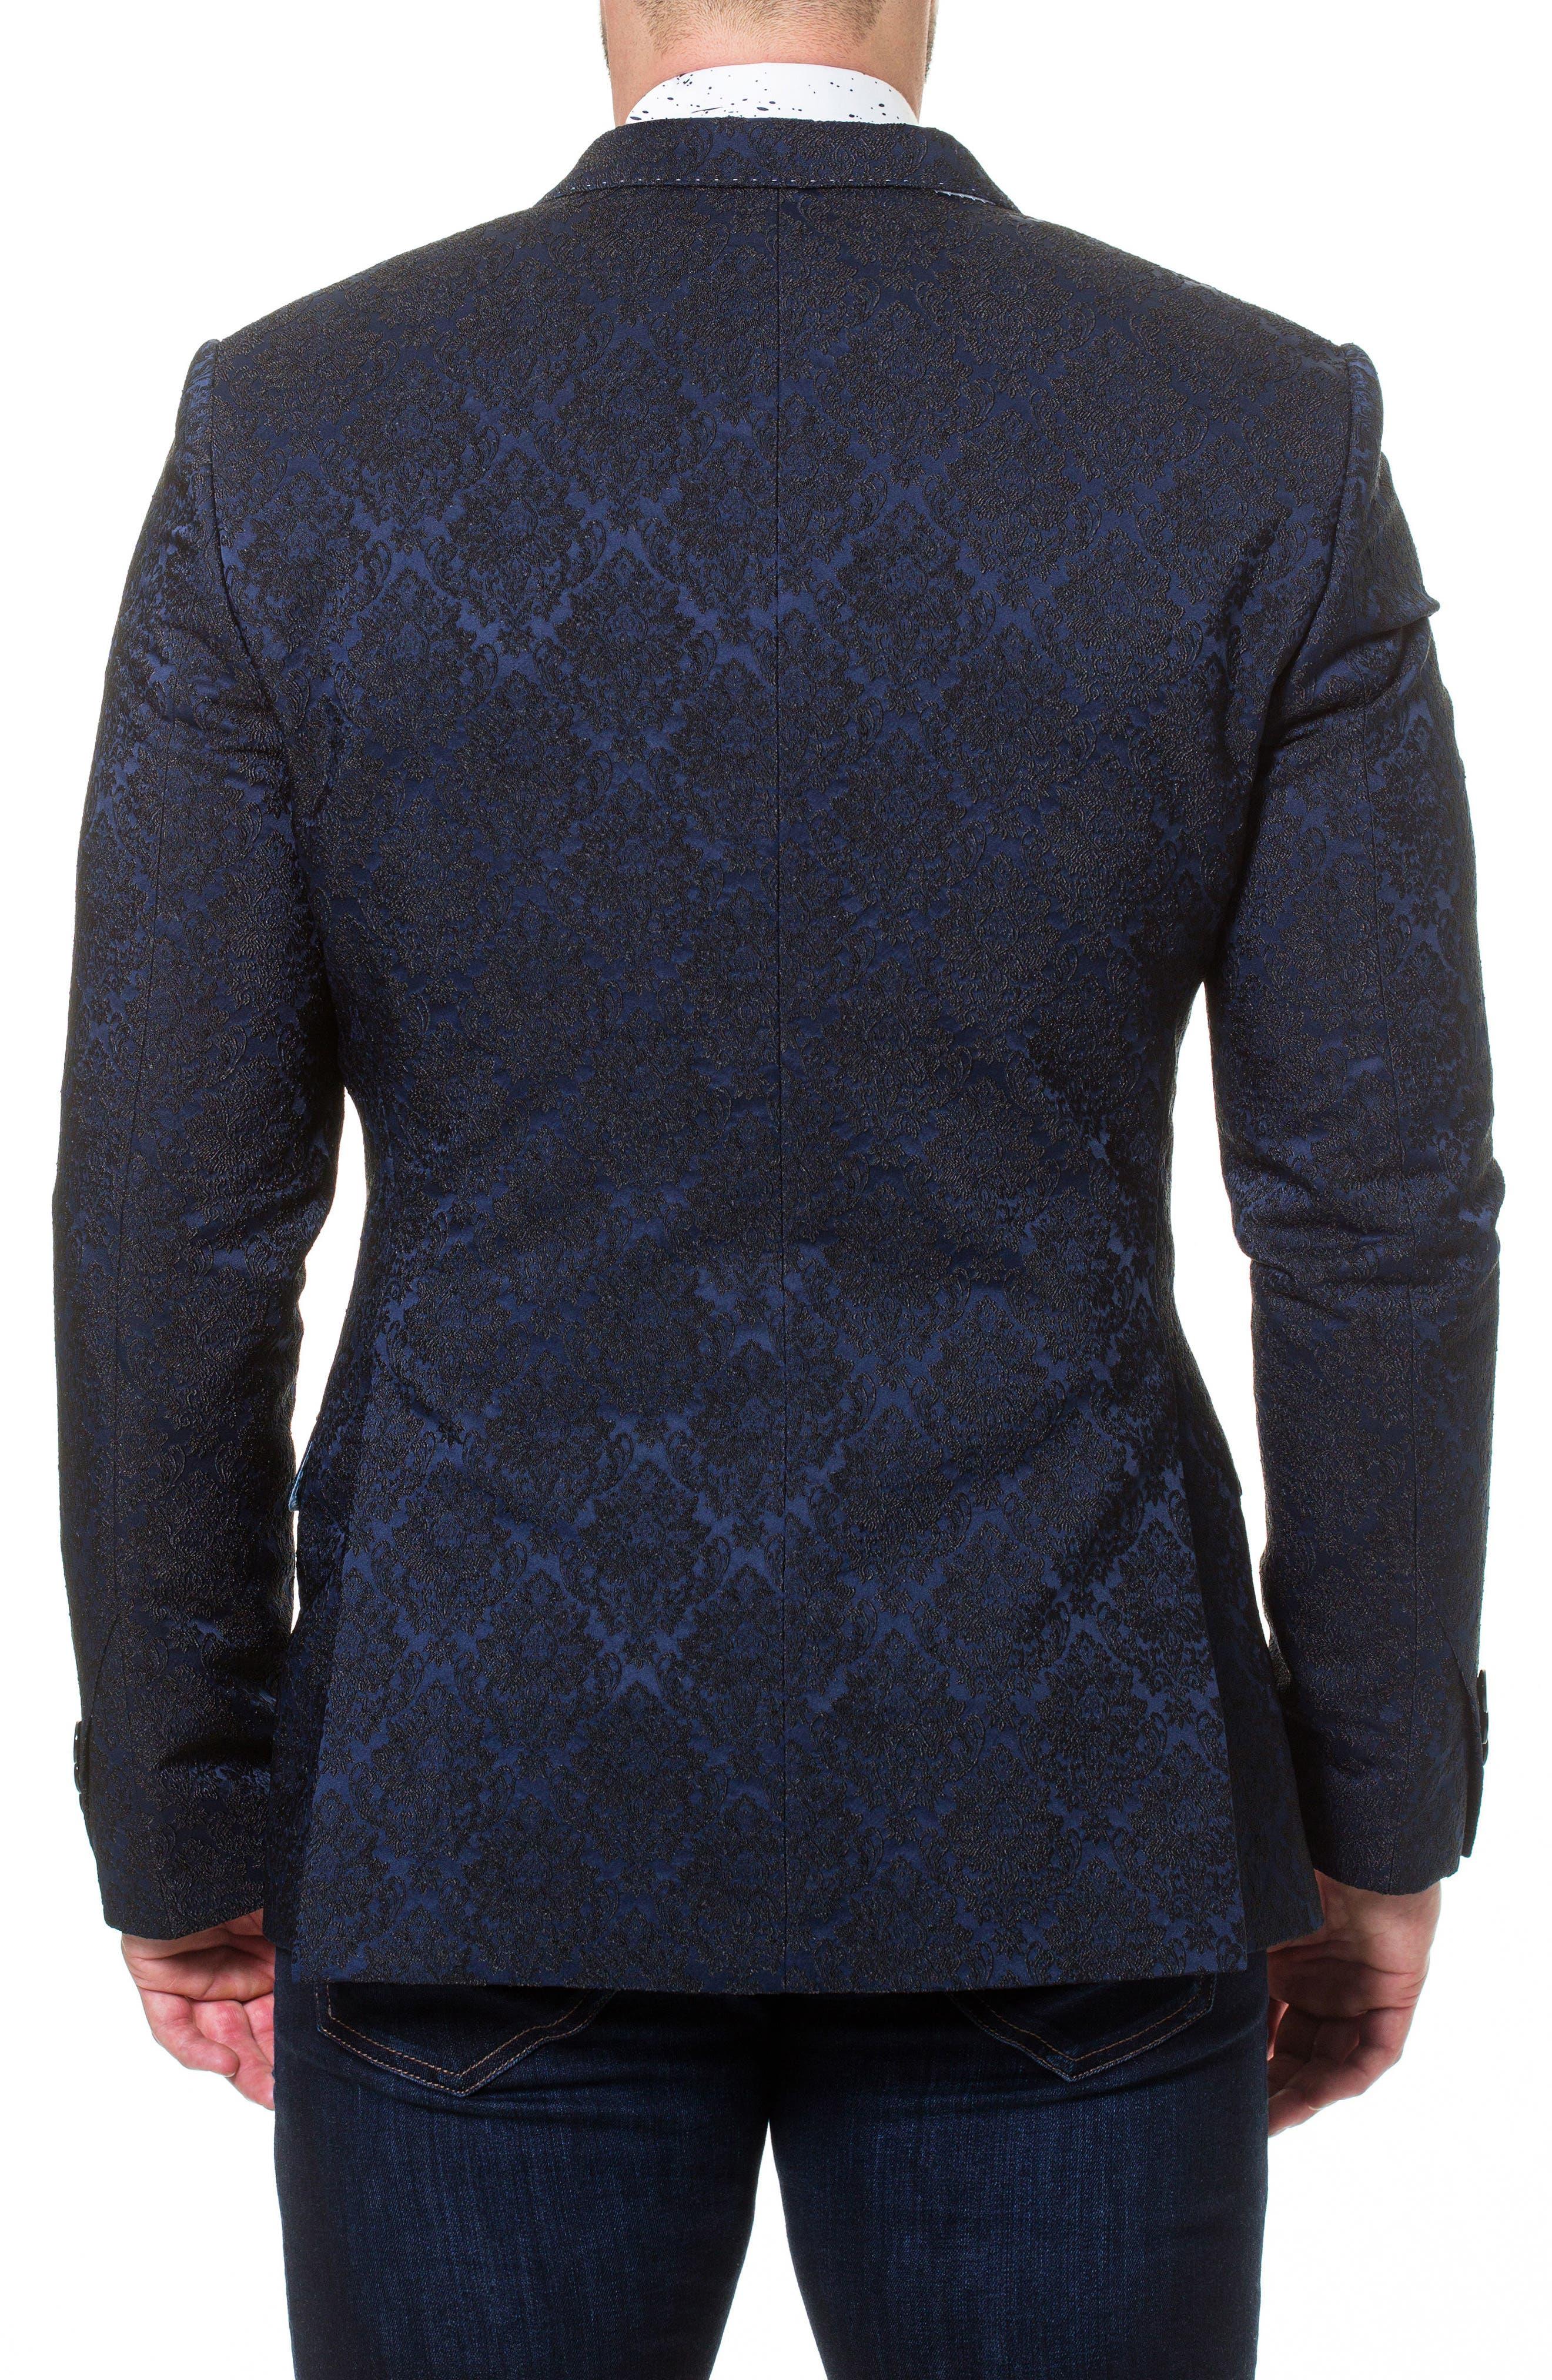 Descartes Jacquard Linen & Cotton Blend Sport Coat,                             Alternate thumbnail 2, color,                             420